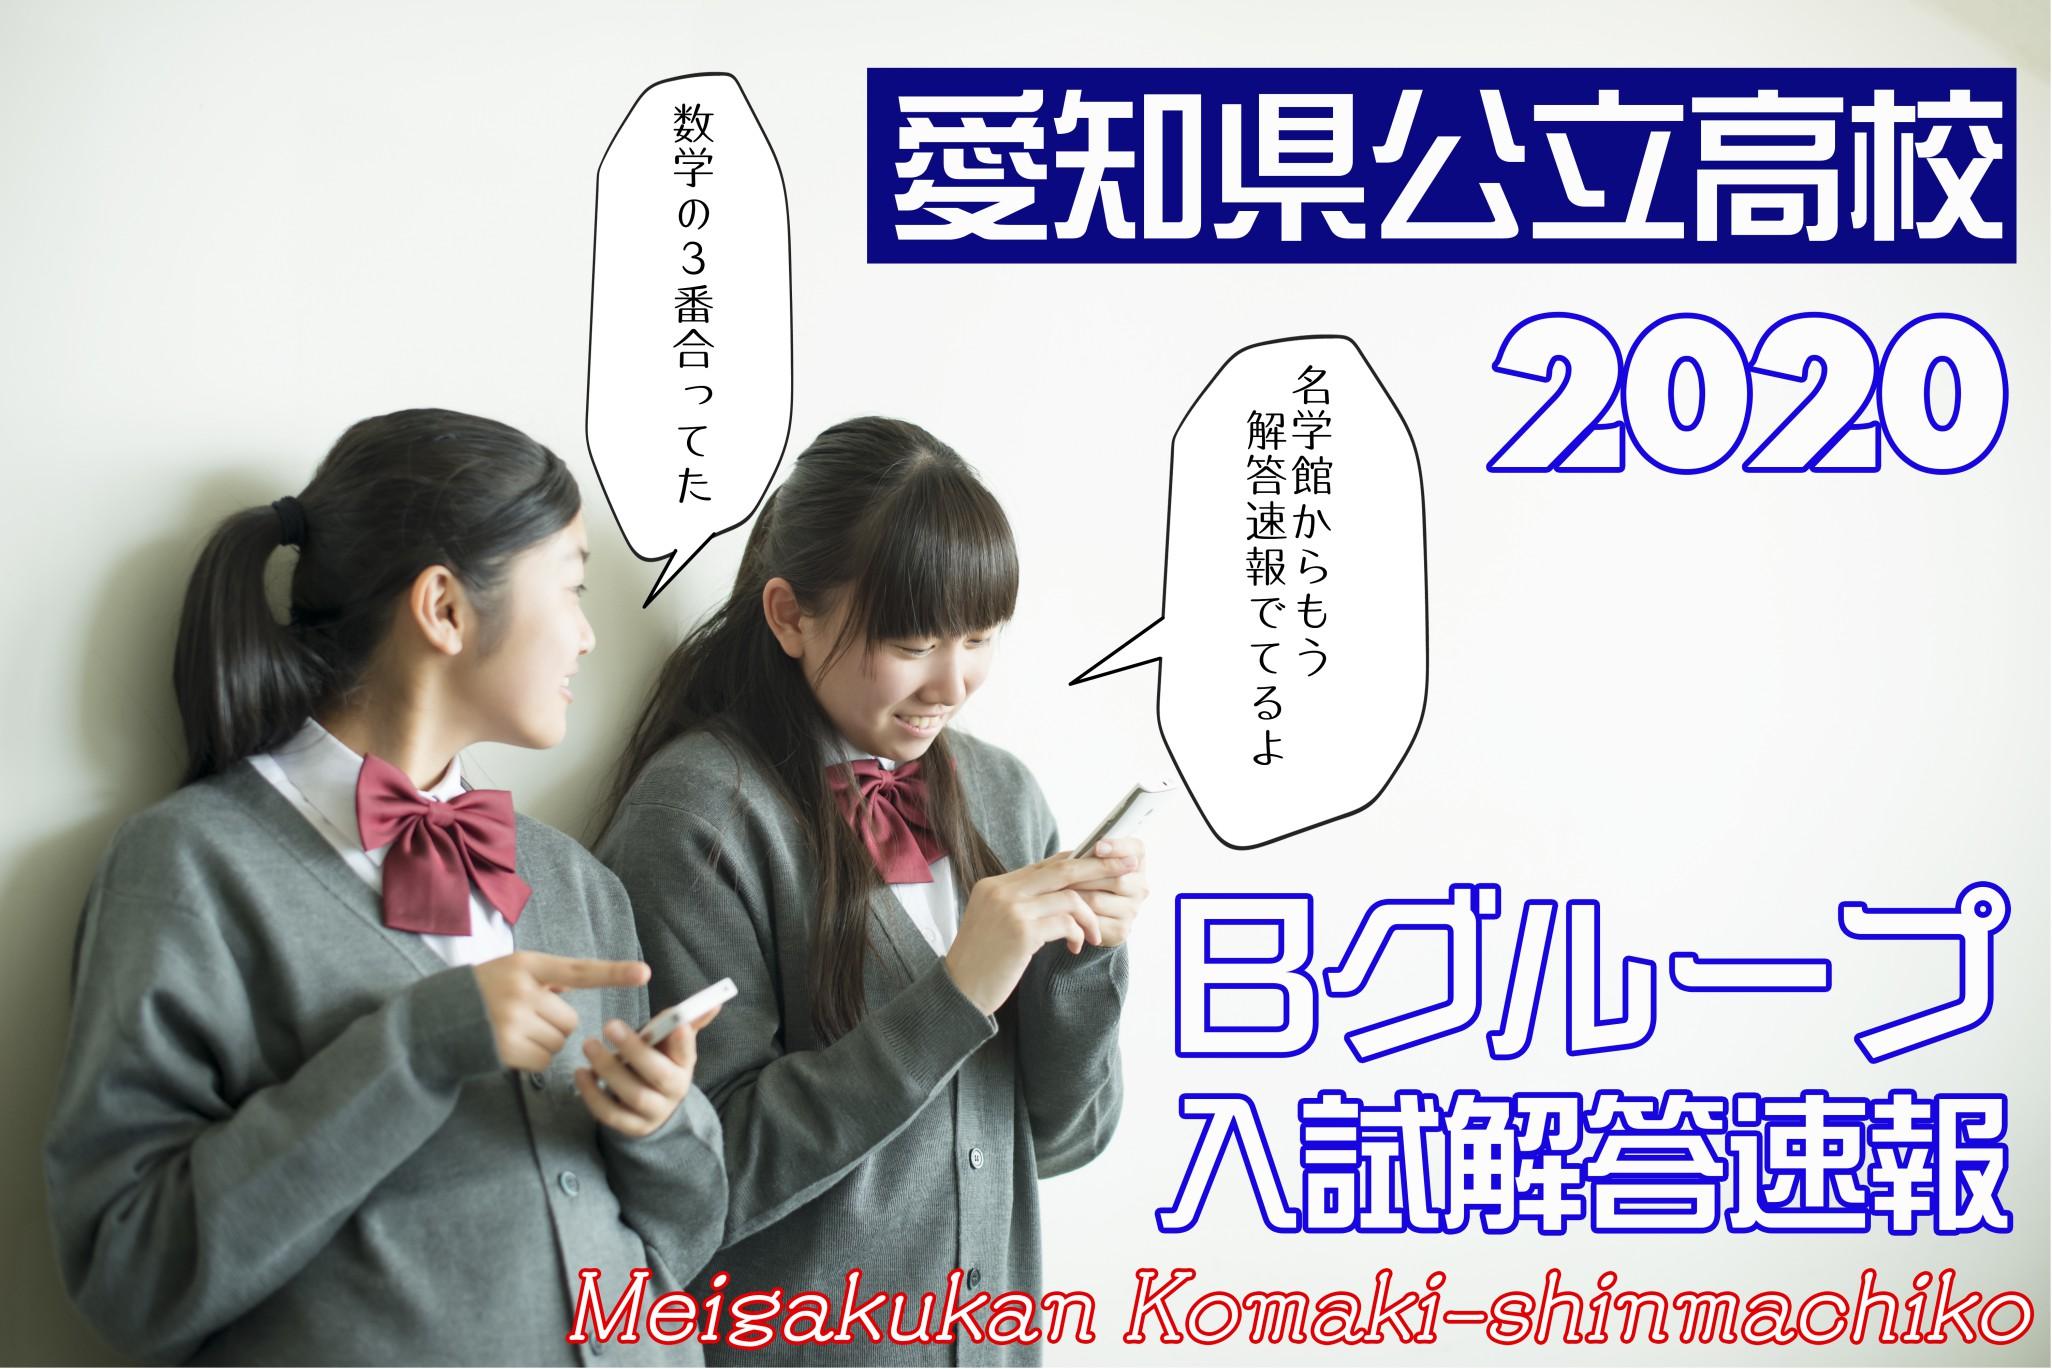 愛知県公立高校 入試解答速報 2020 Bグループ